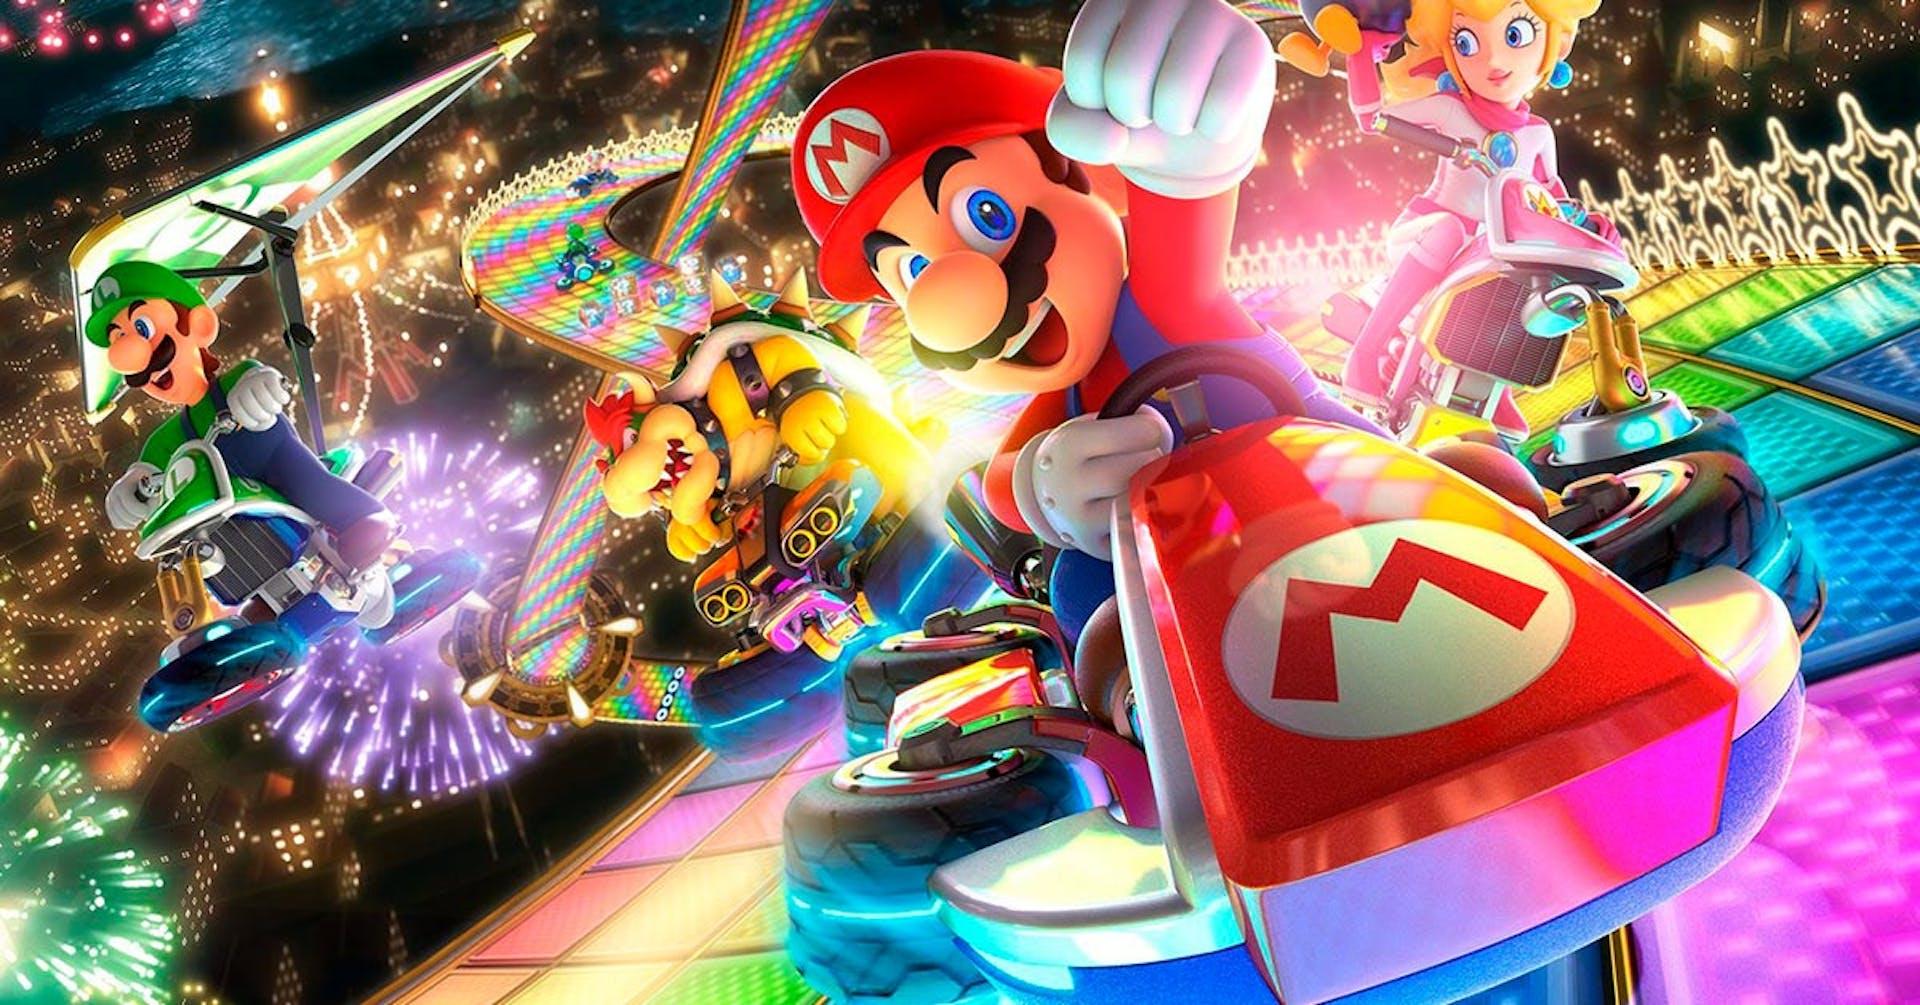 Ya podrás jugar Mario Kart en tu celular. Descárgalo gratis